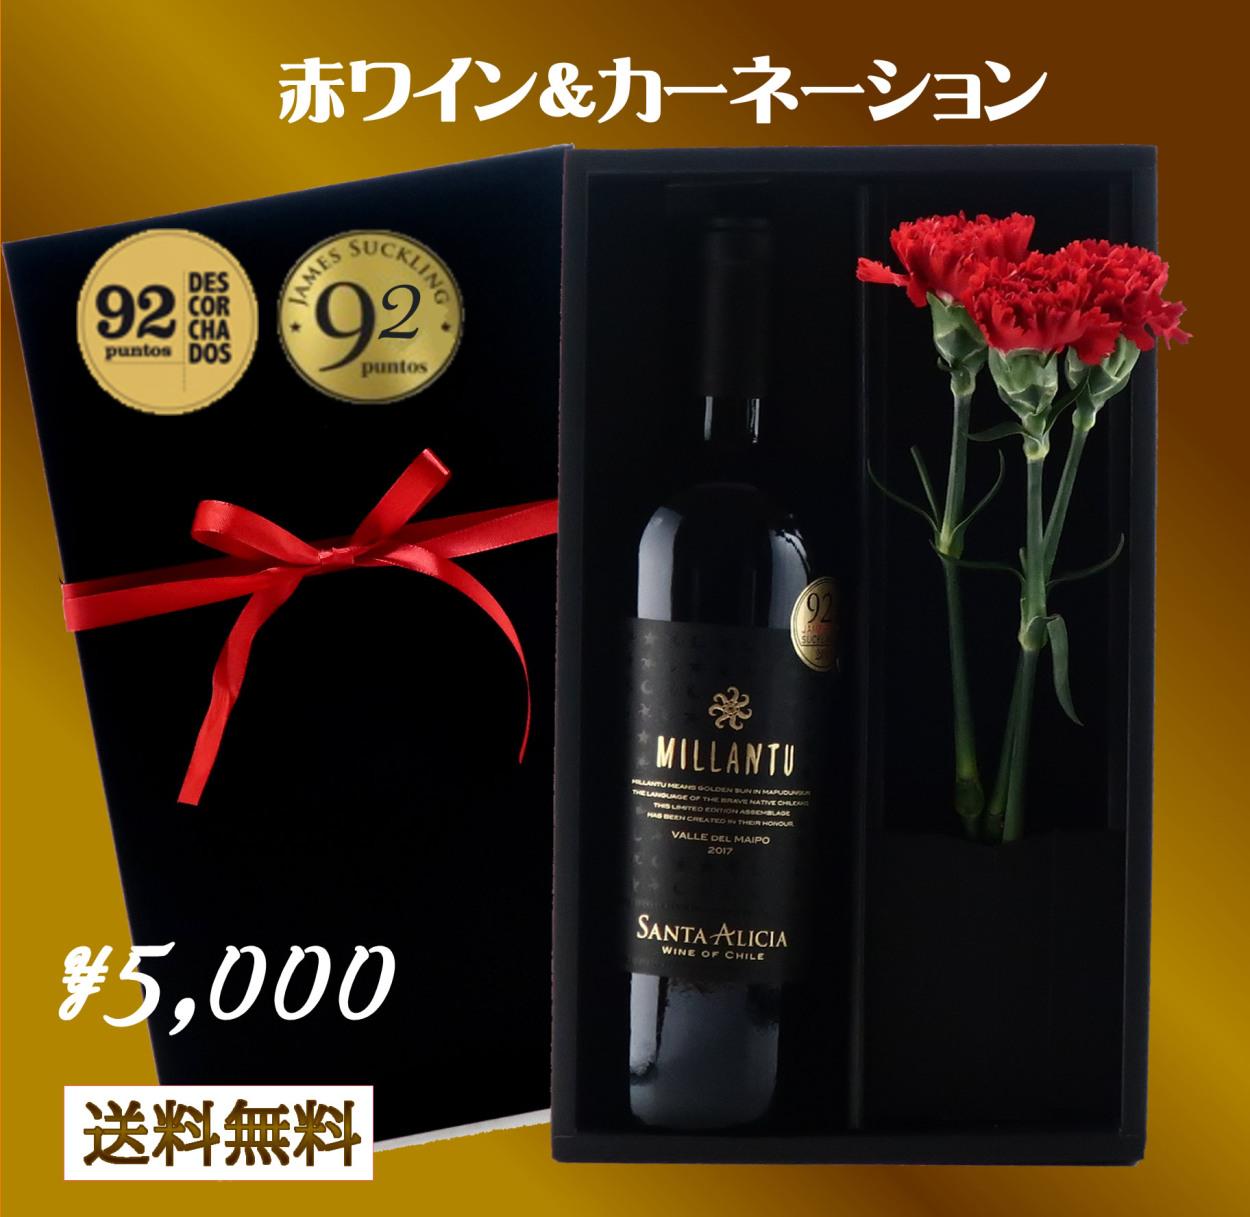 金メダル赤ワインとカーネーションのセット